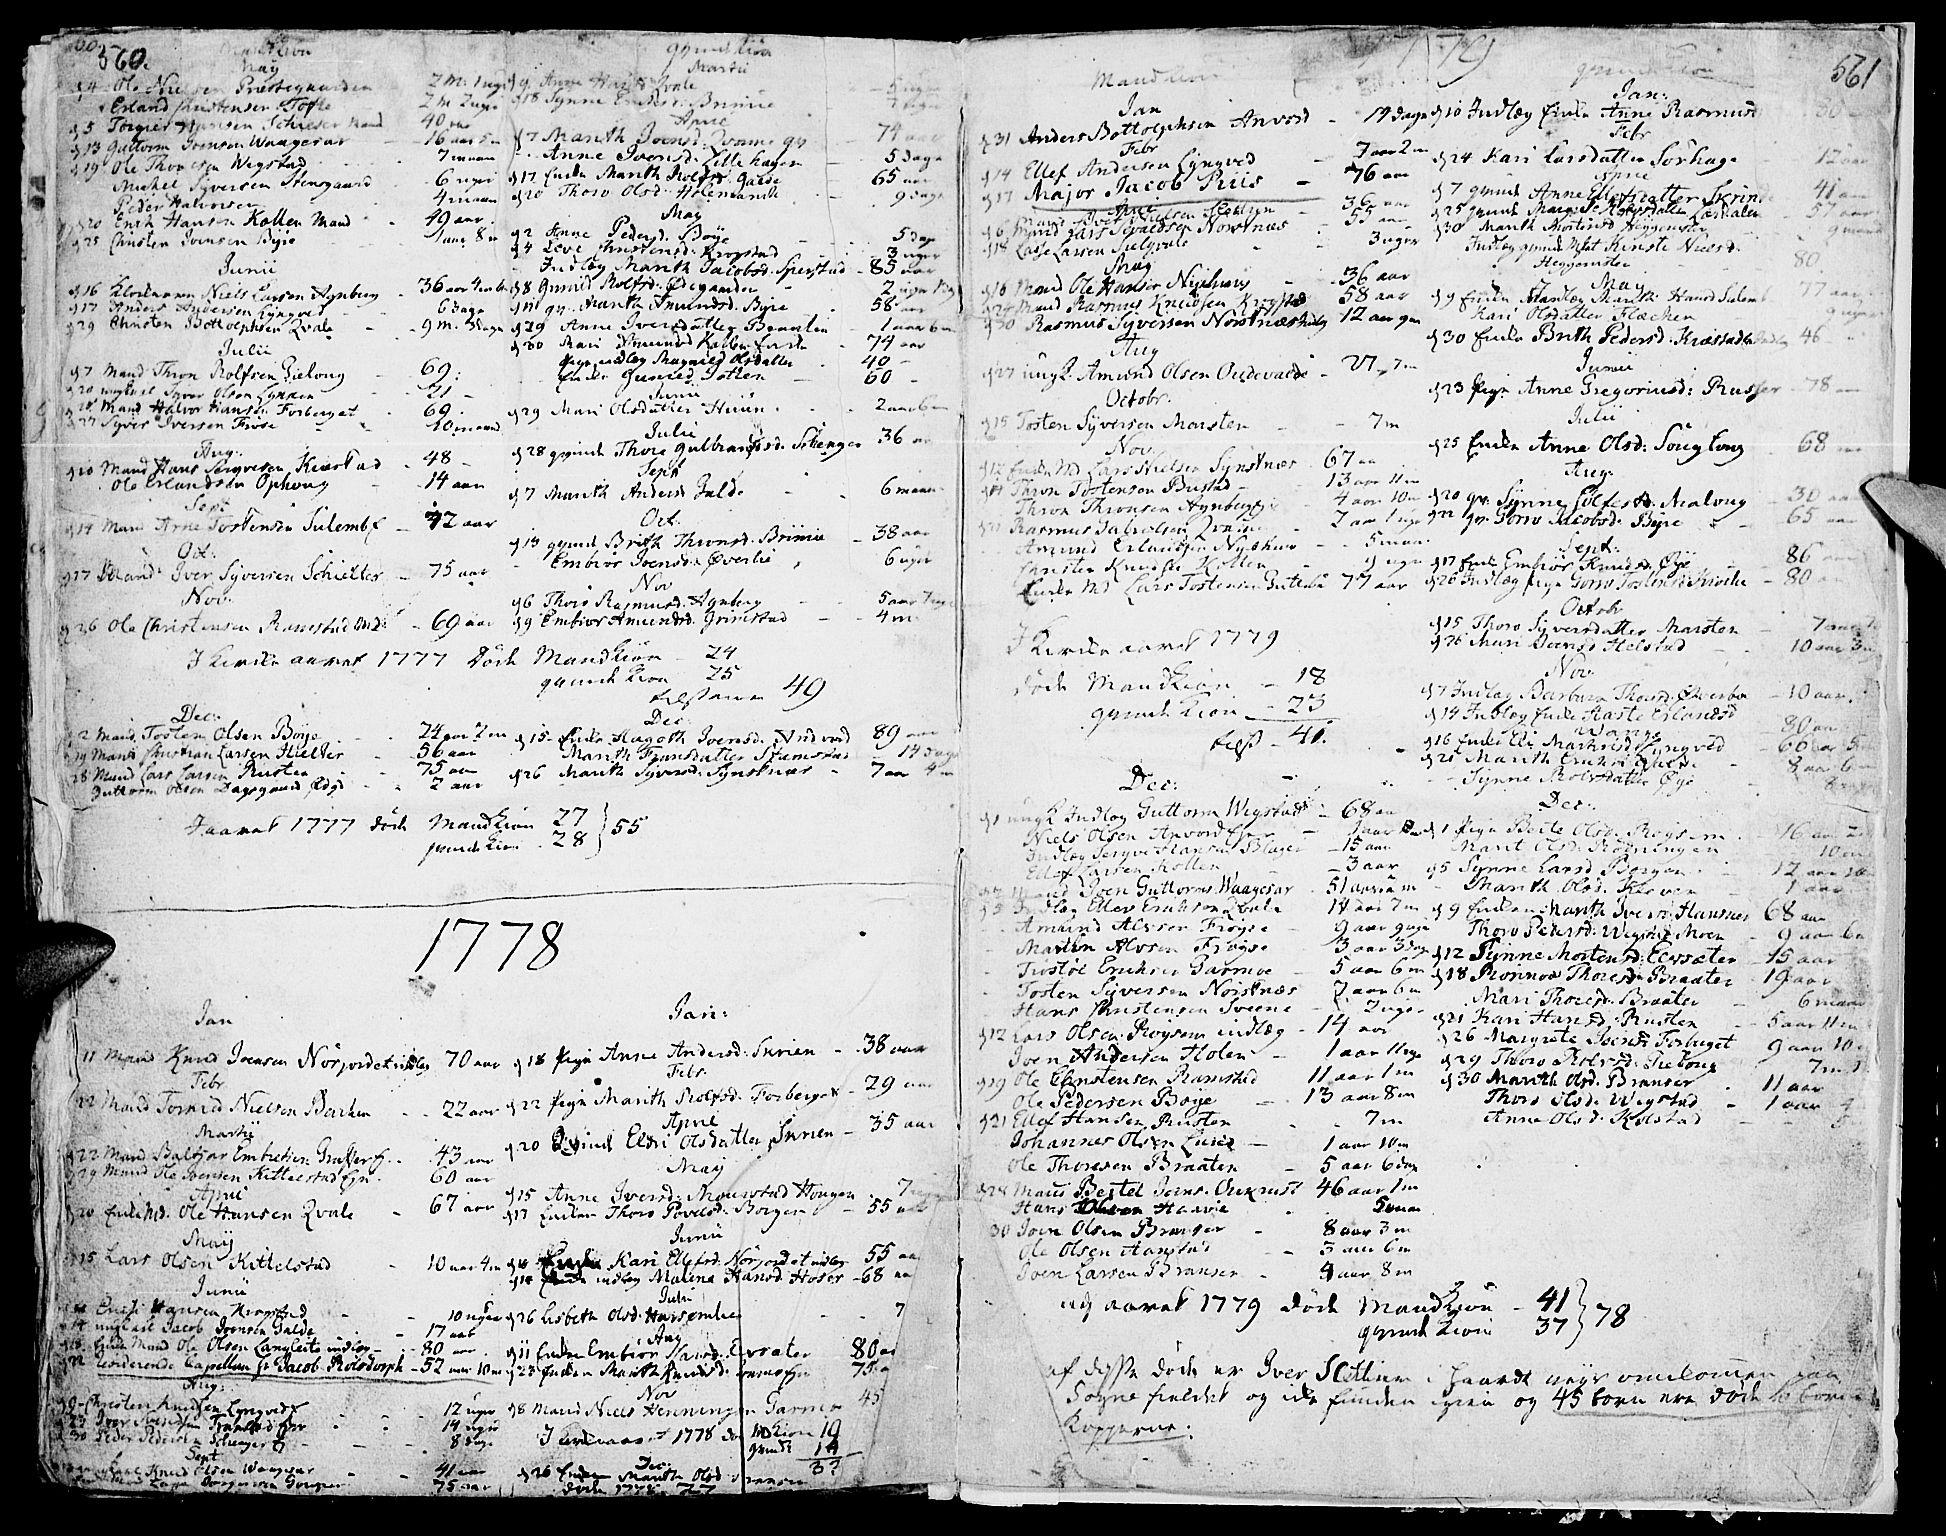 SAH, Lom prestekontor, K/L0002: Ministerialbok nr. 2, 1749-1801, s. 560-561